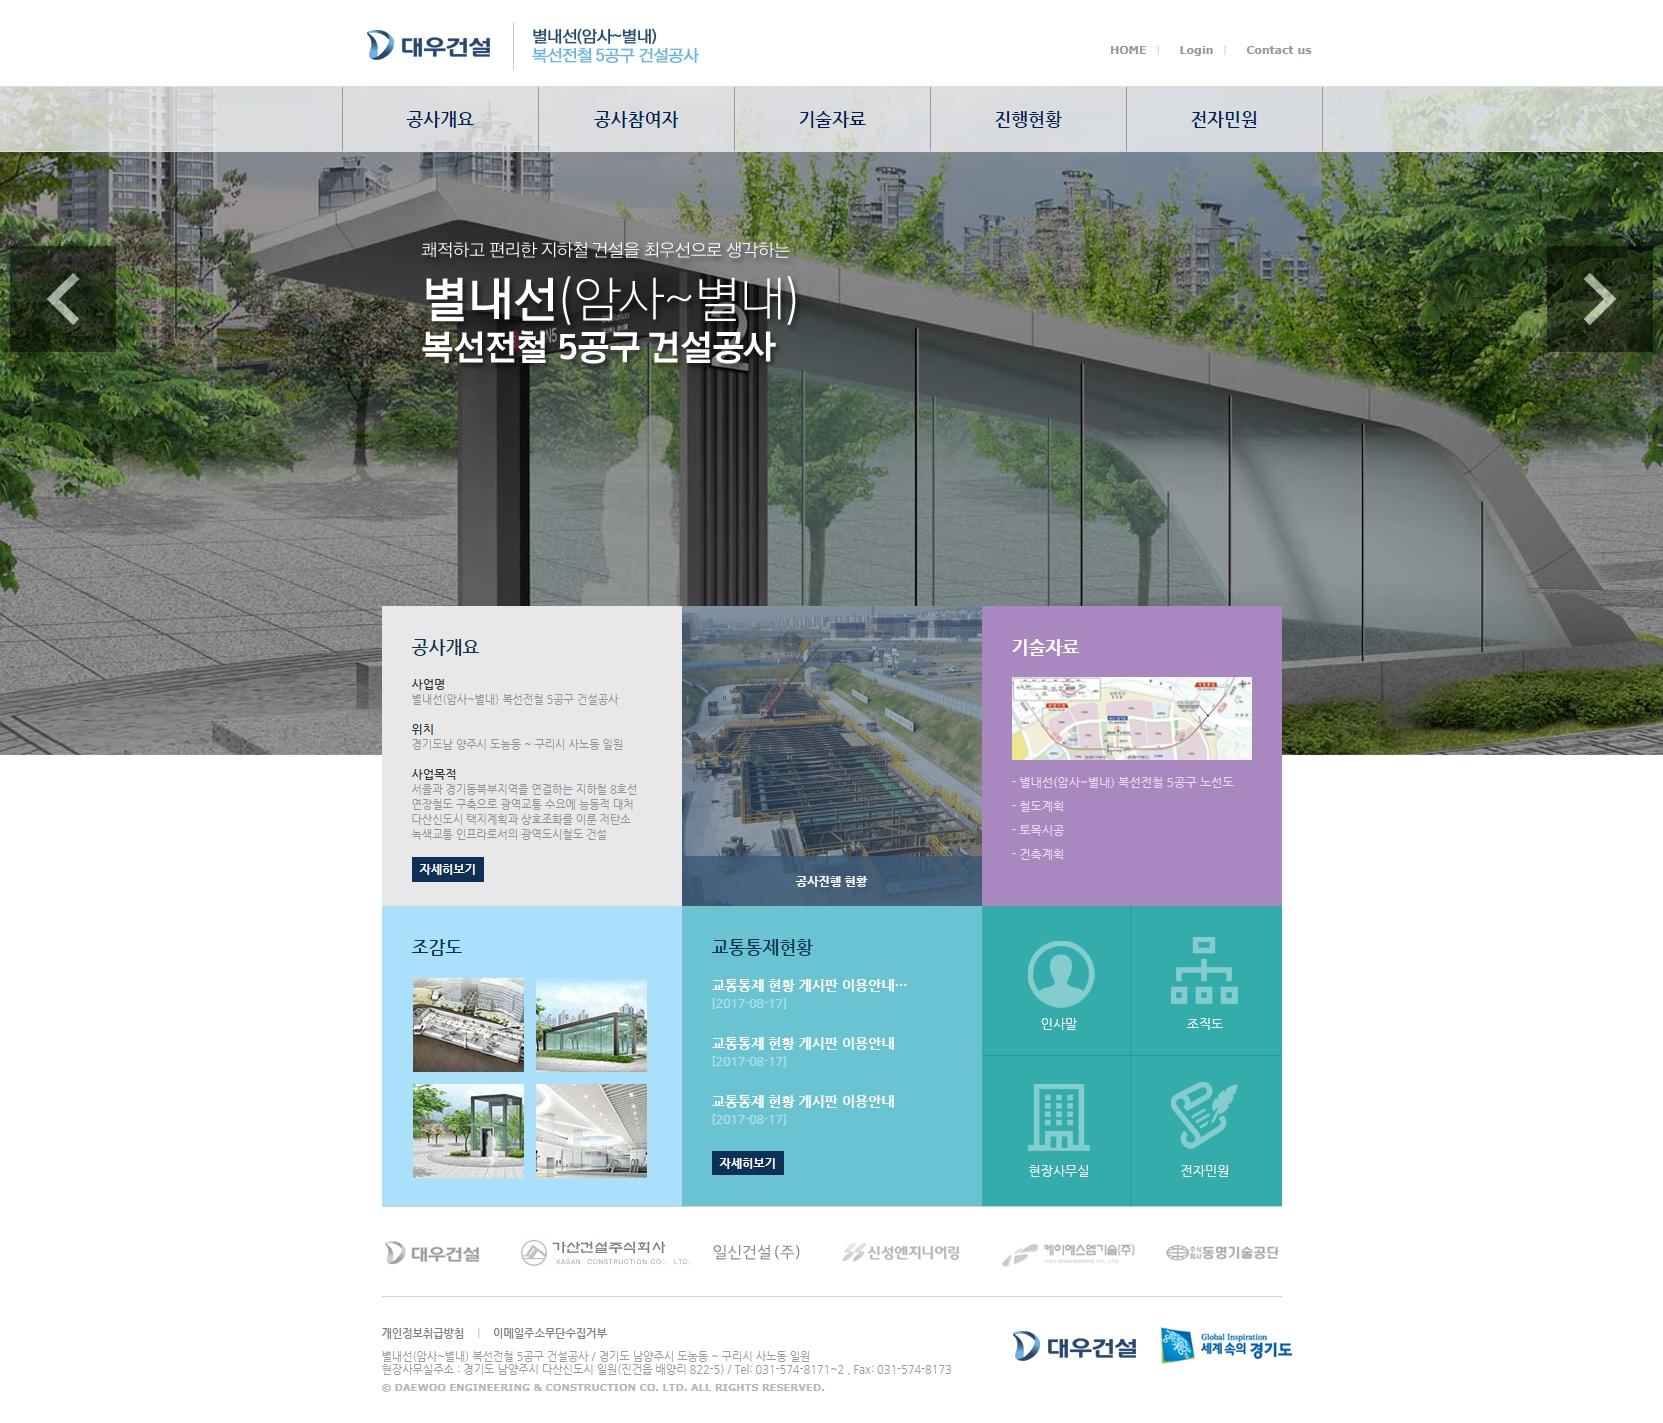 대우건설 지하철공사